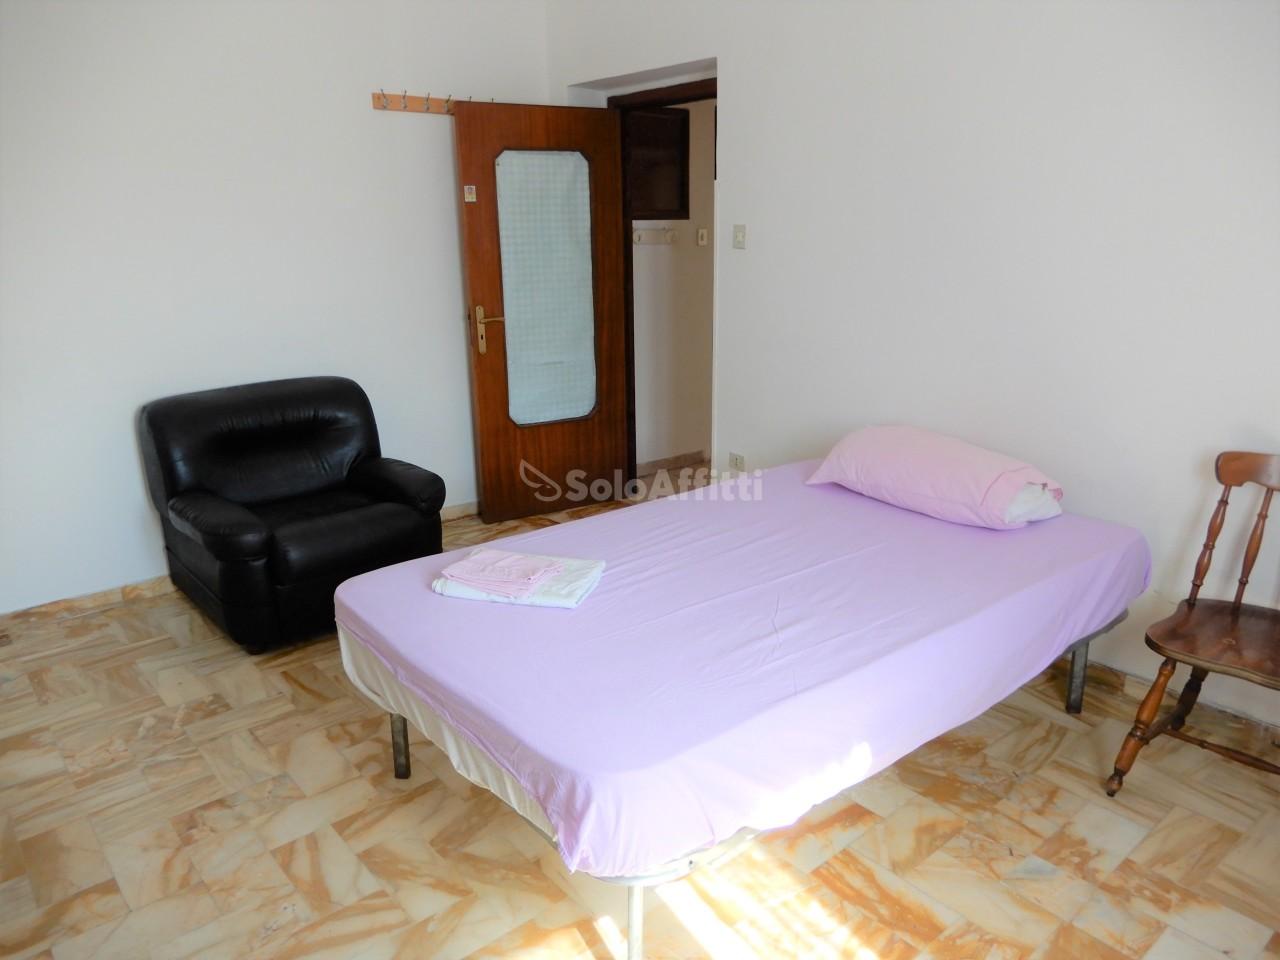 Bilocale in buone condizioni in affitto Rif. 7755729